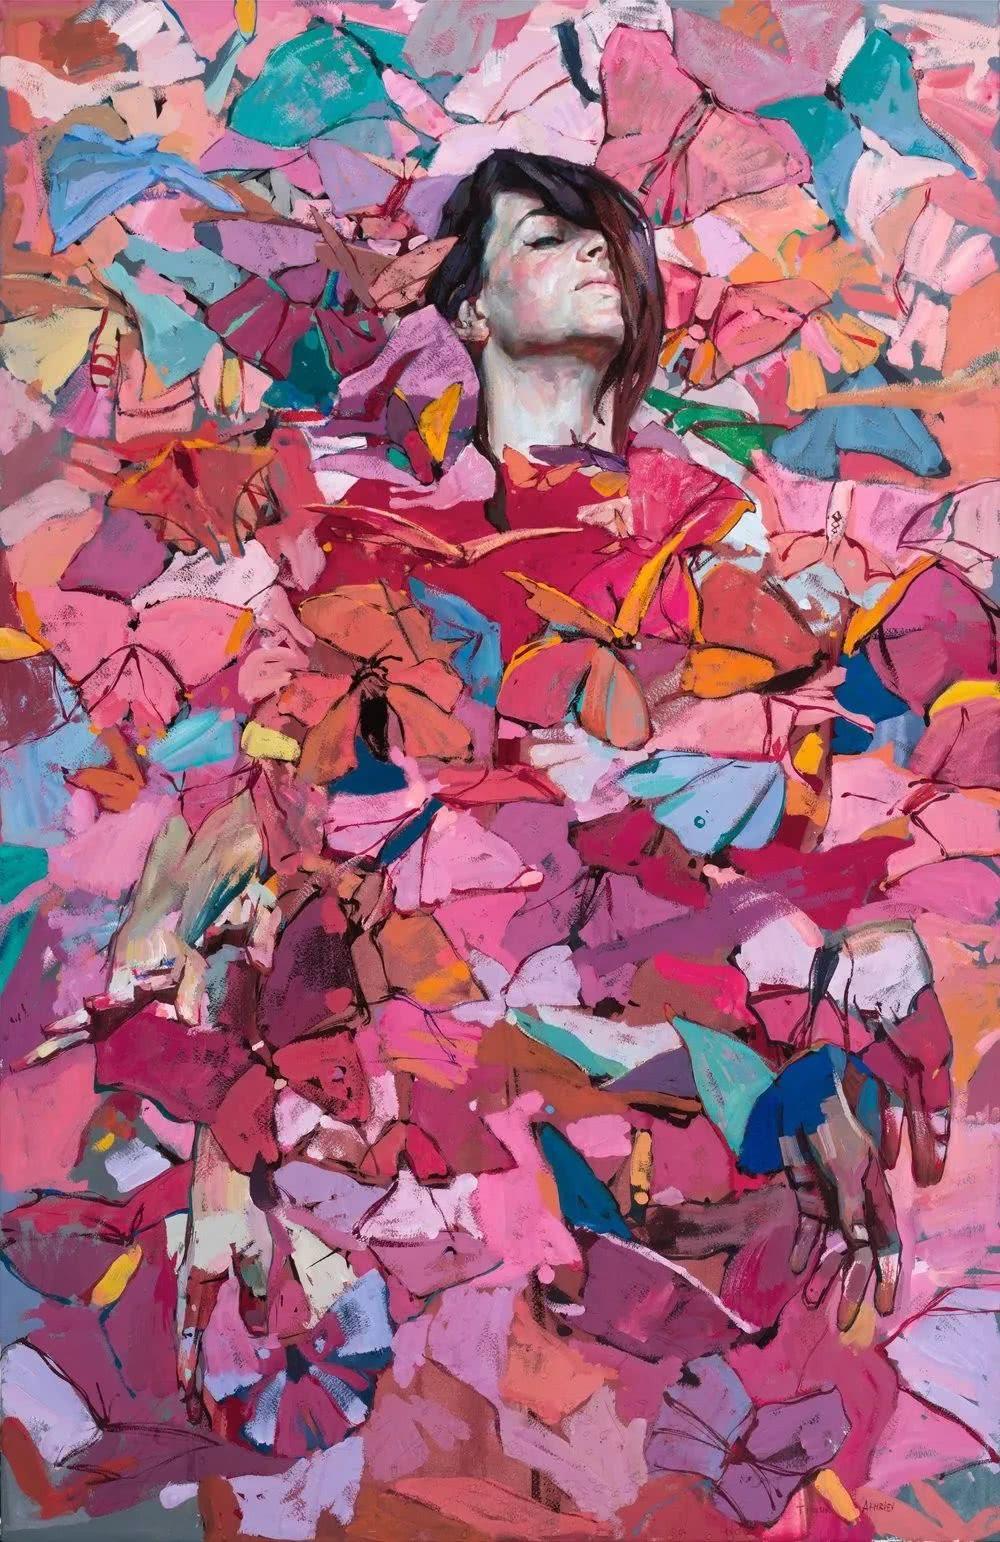 色彩浓郁的油画作品,俄罗斯画家阿赫列耶夫的绘画世界